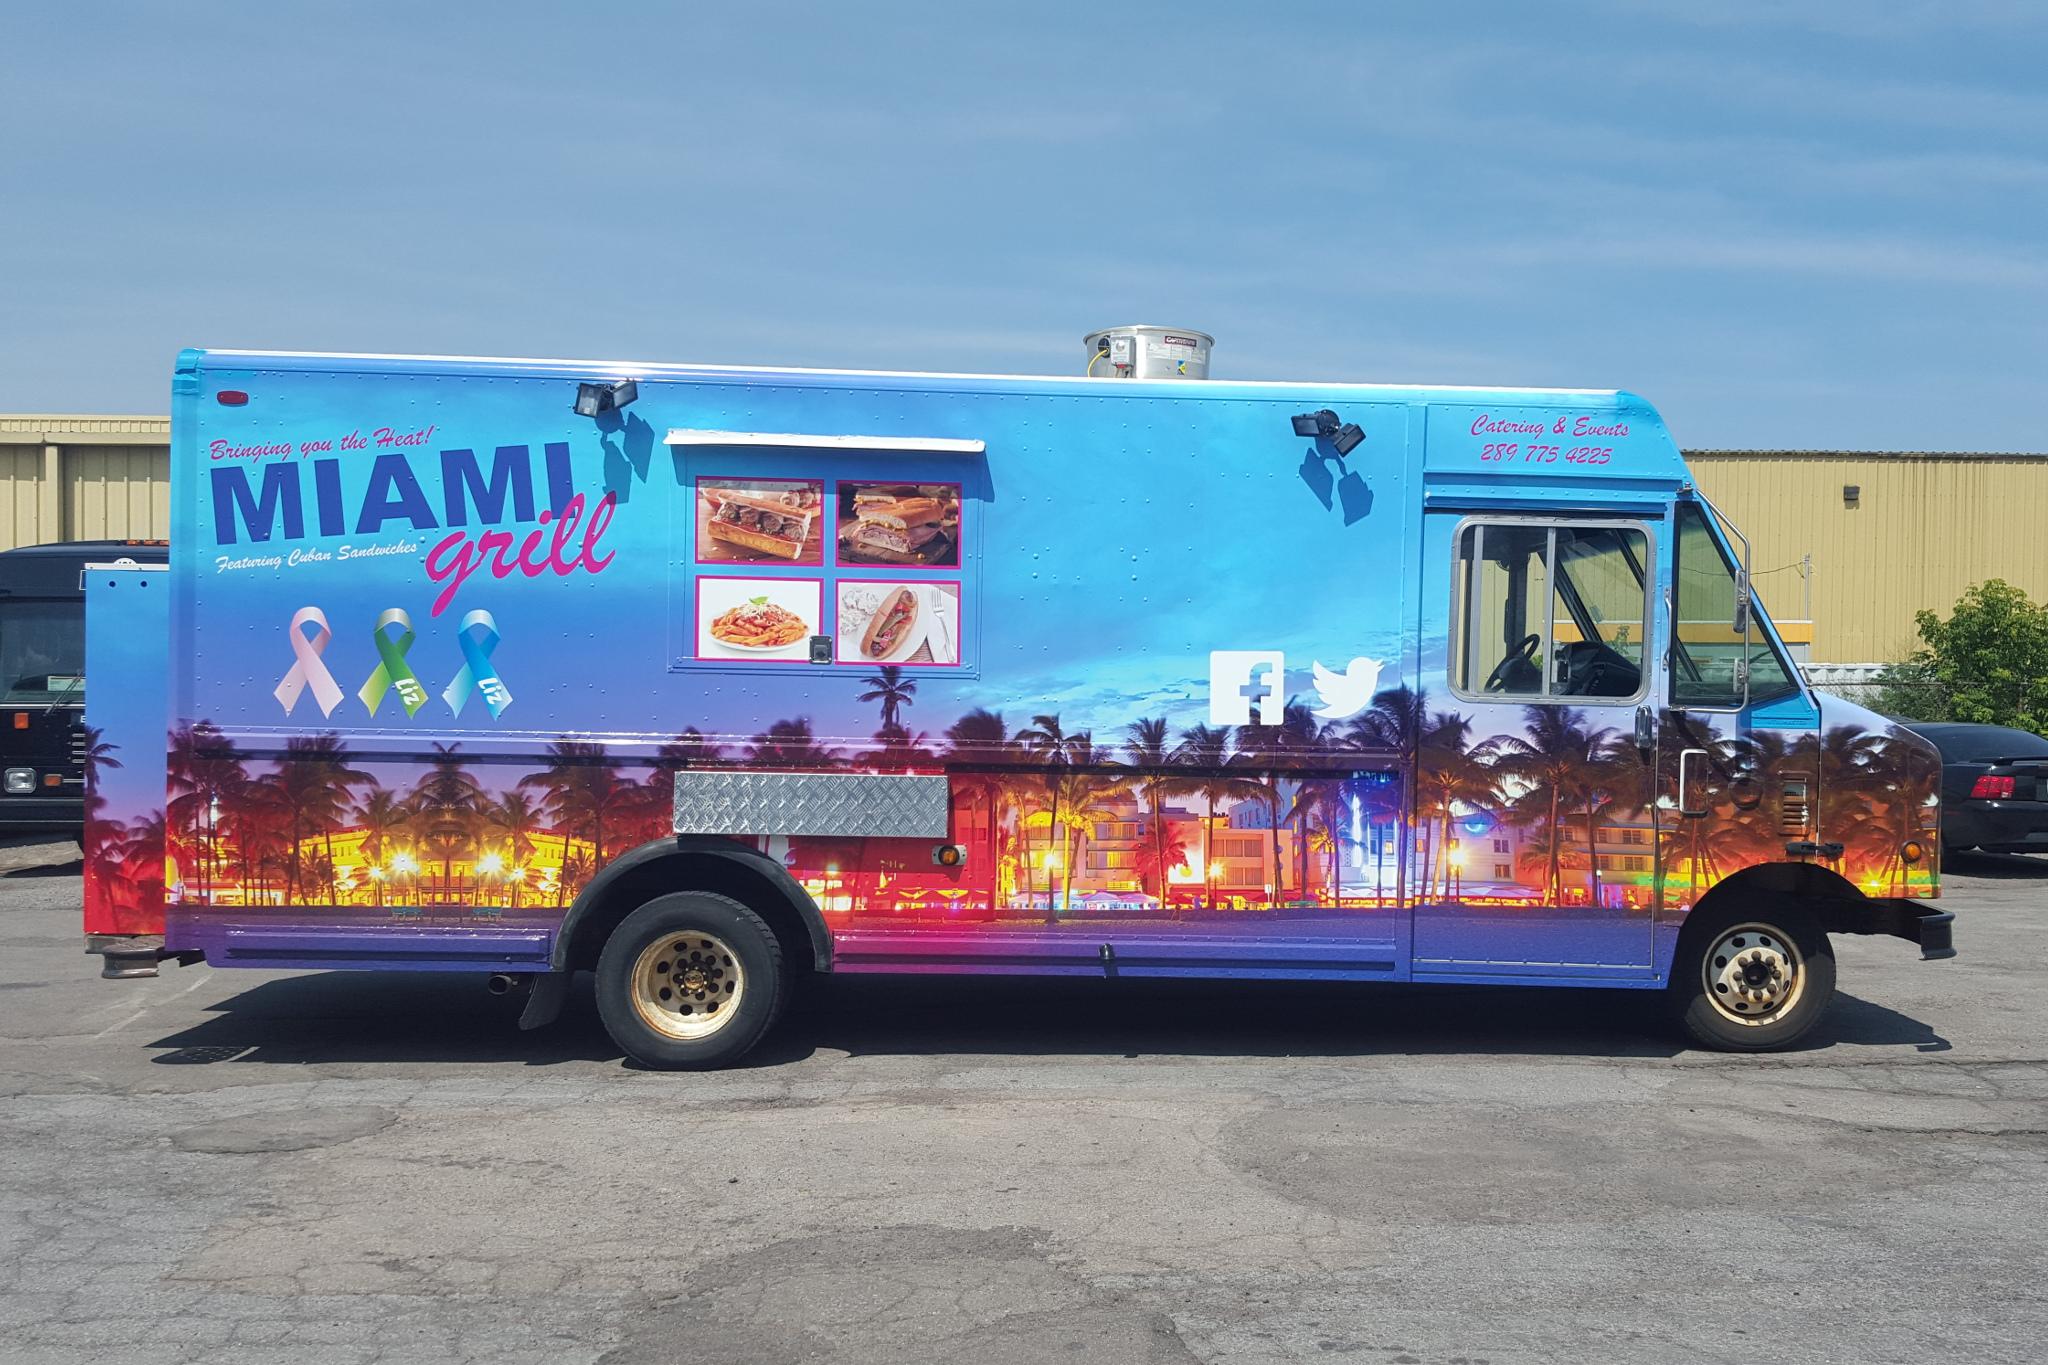 Miami Grill Toronto Food Trucks Toronto Food Trucks